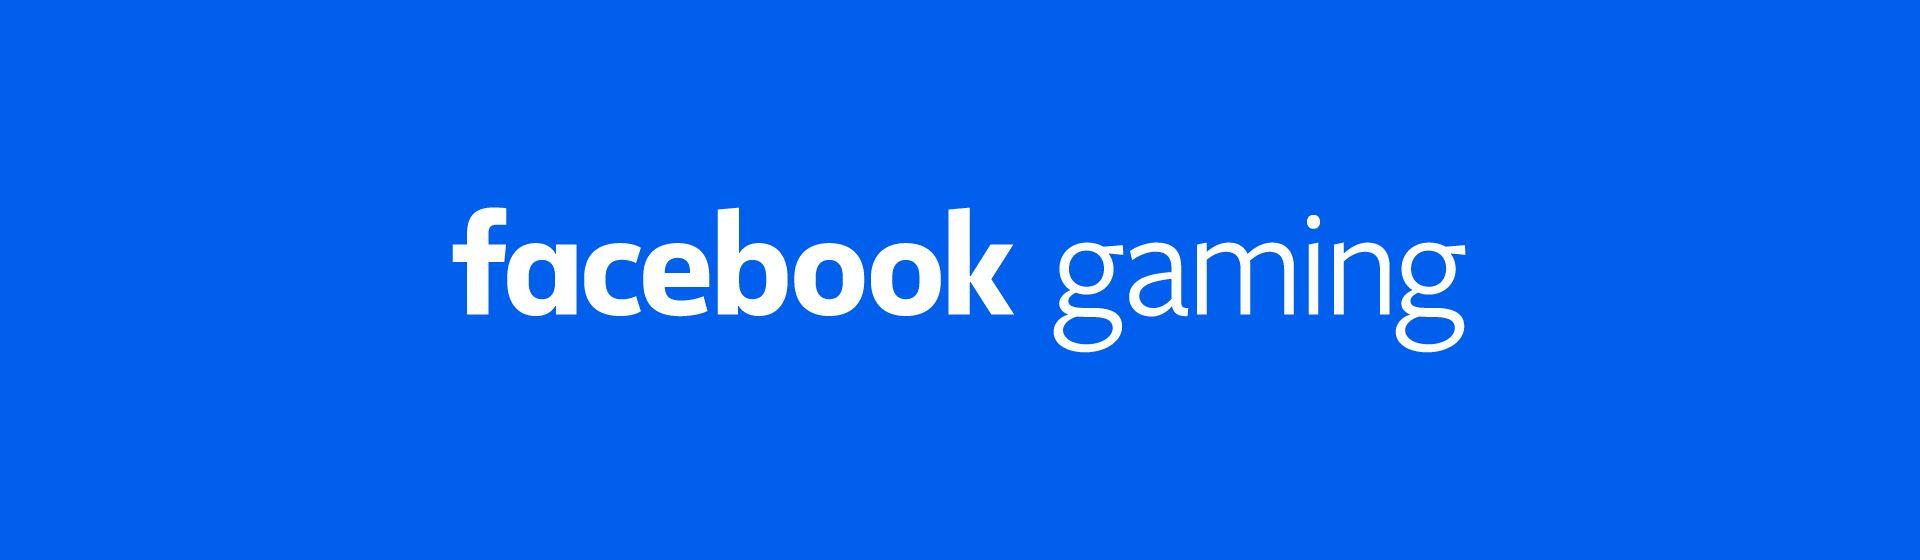 Facebook Gaming terá live Pride Gaming com Samira Close e convidados